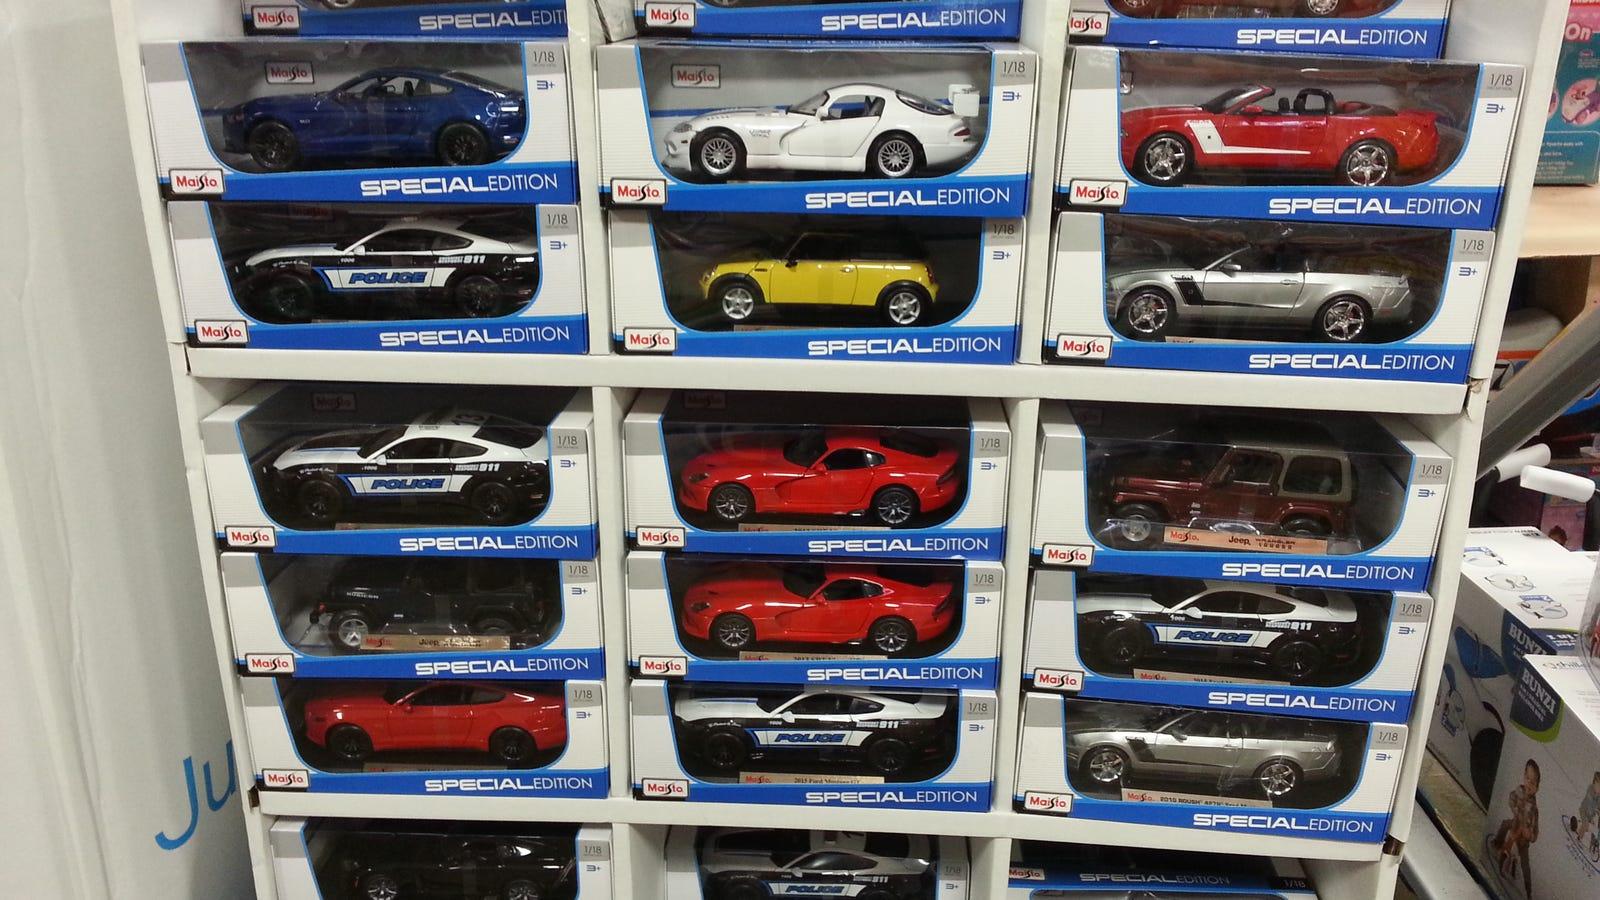 Costco Toy Cars : Maisto s are in stoooock